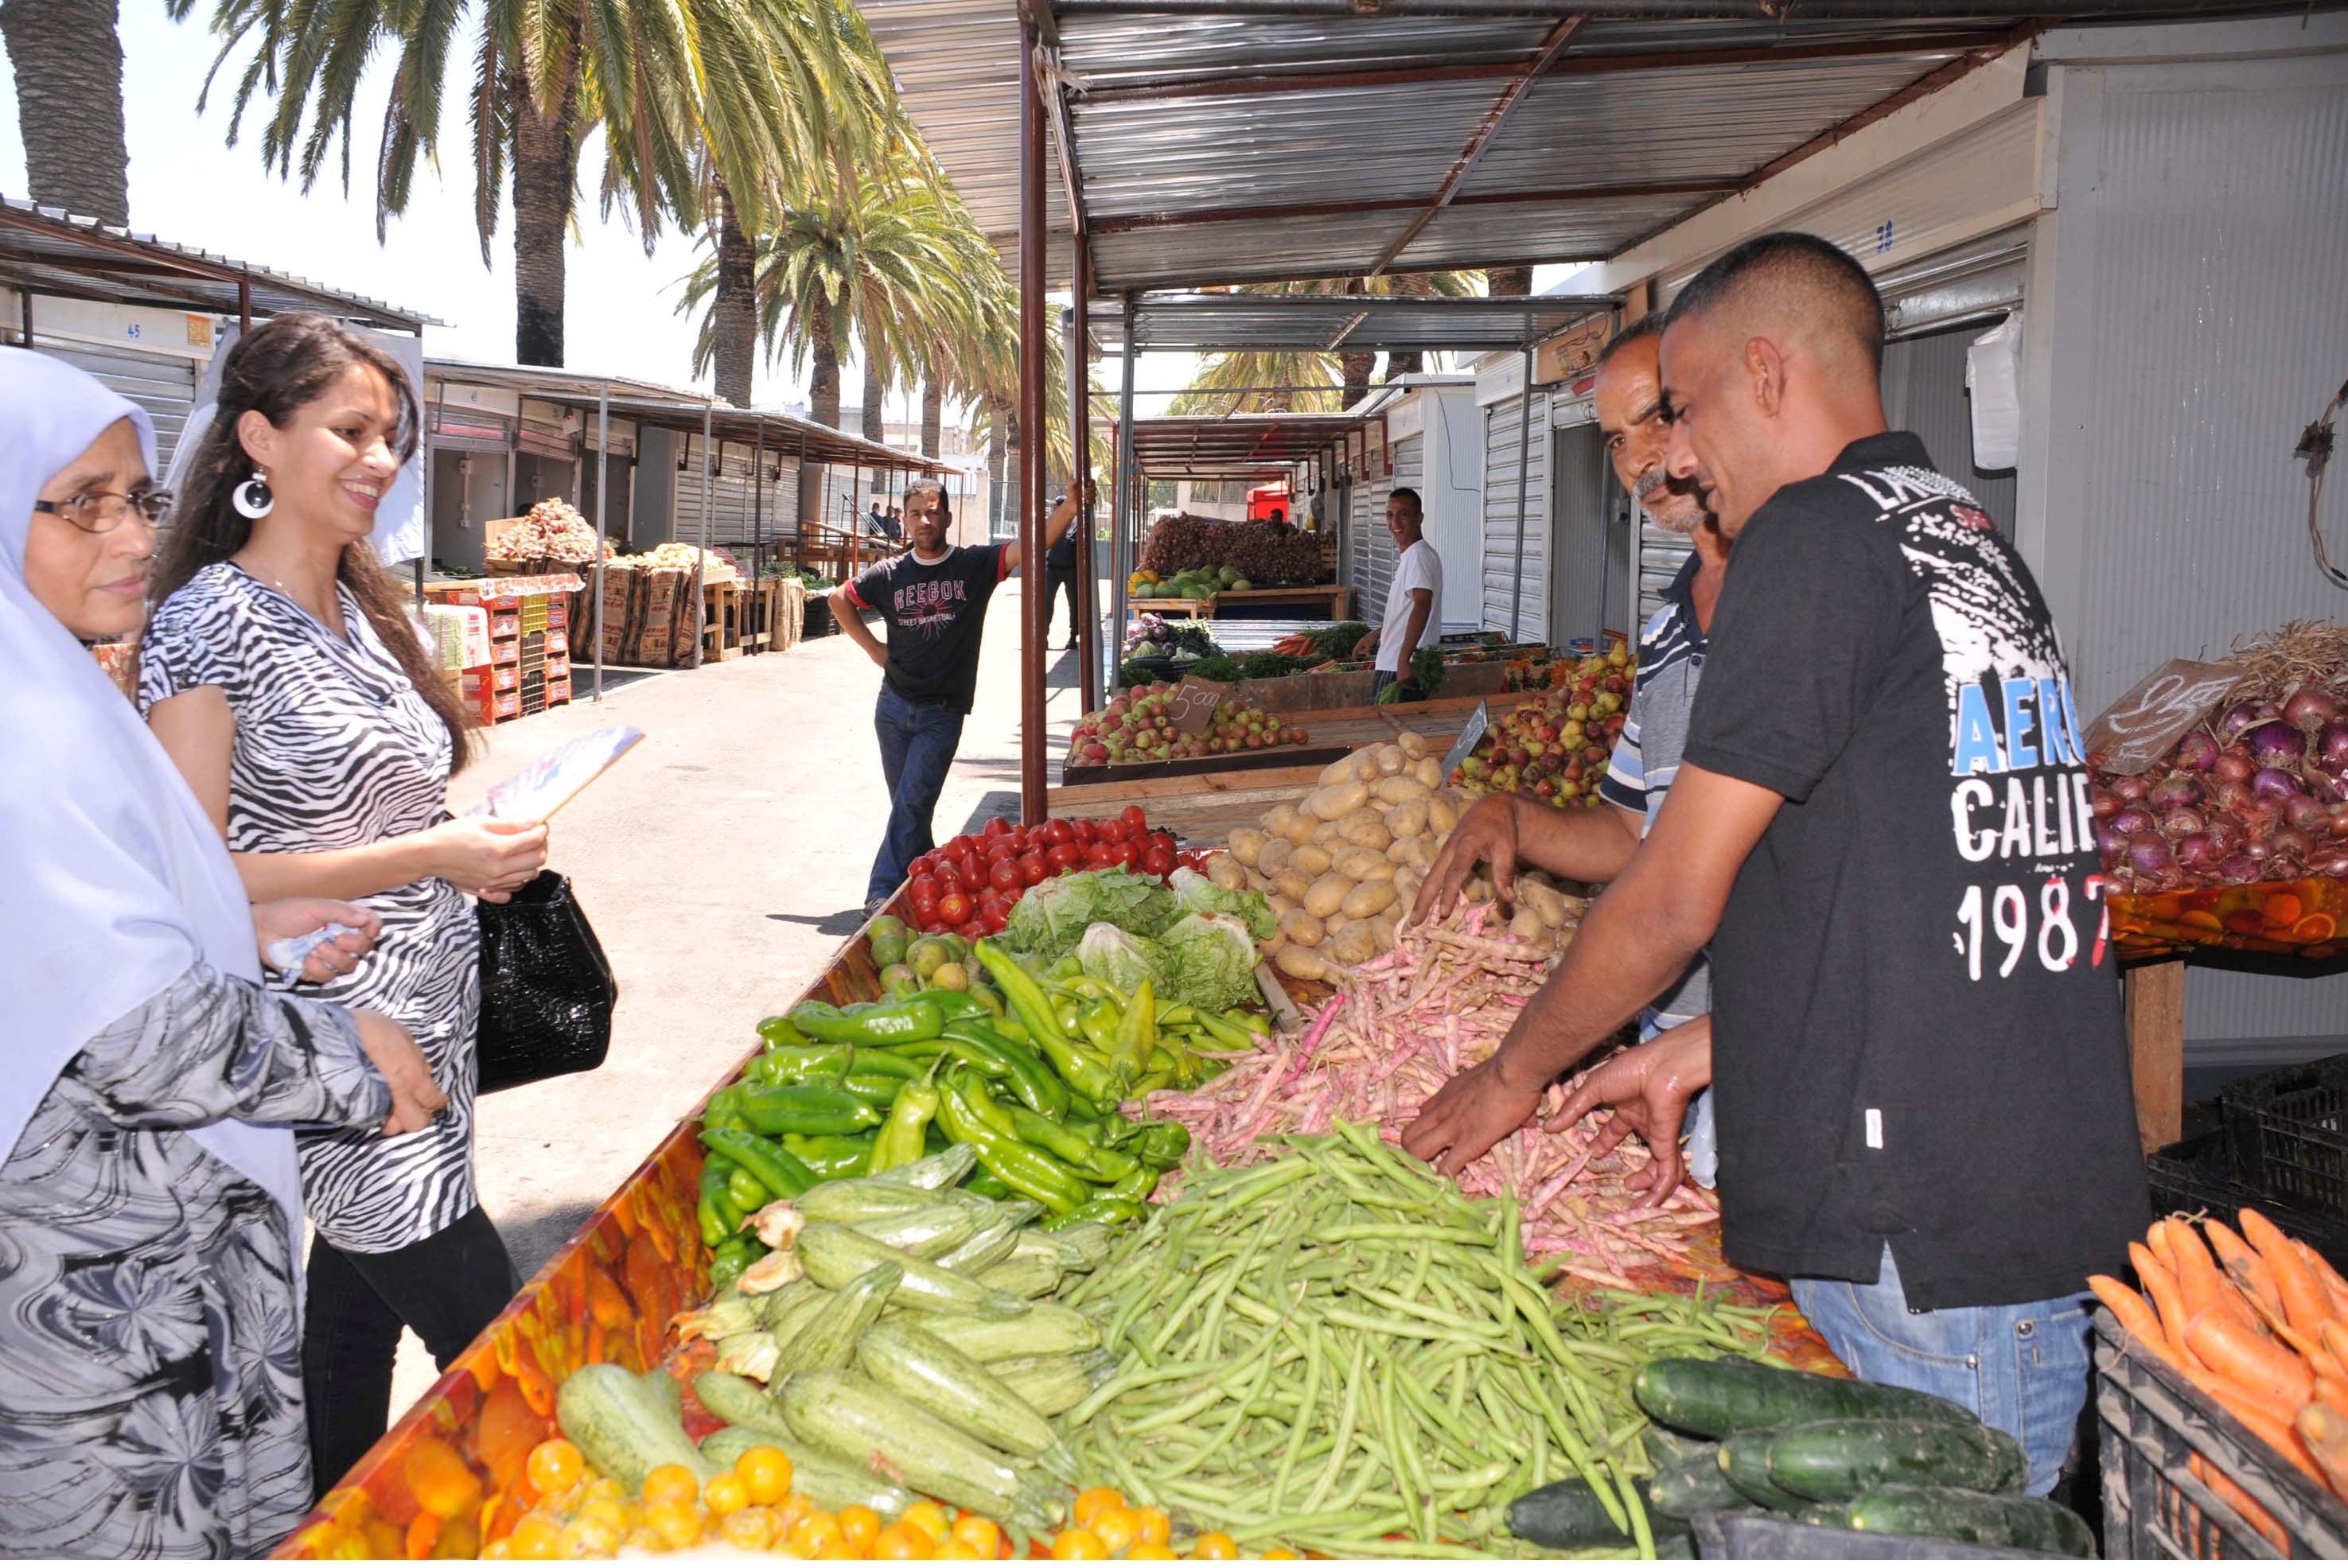 Les prix des produits agricoles frais ont enregistré une hausse de 8,53%. New Press